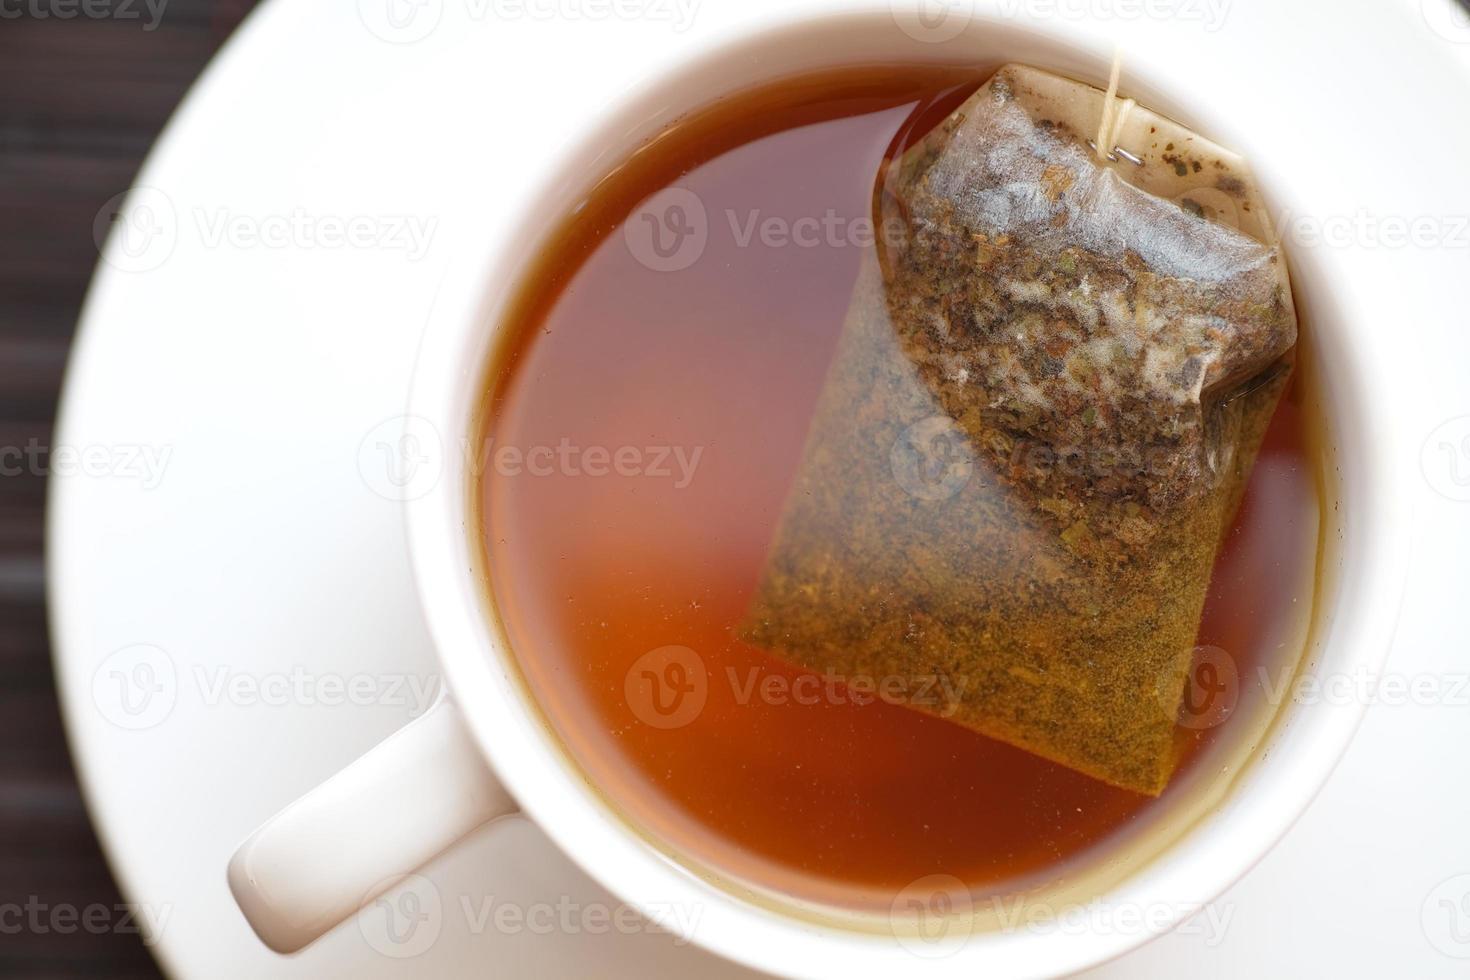 kopje thee met piramide theezakje foto